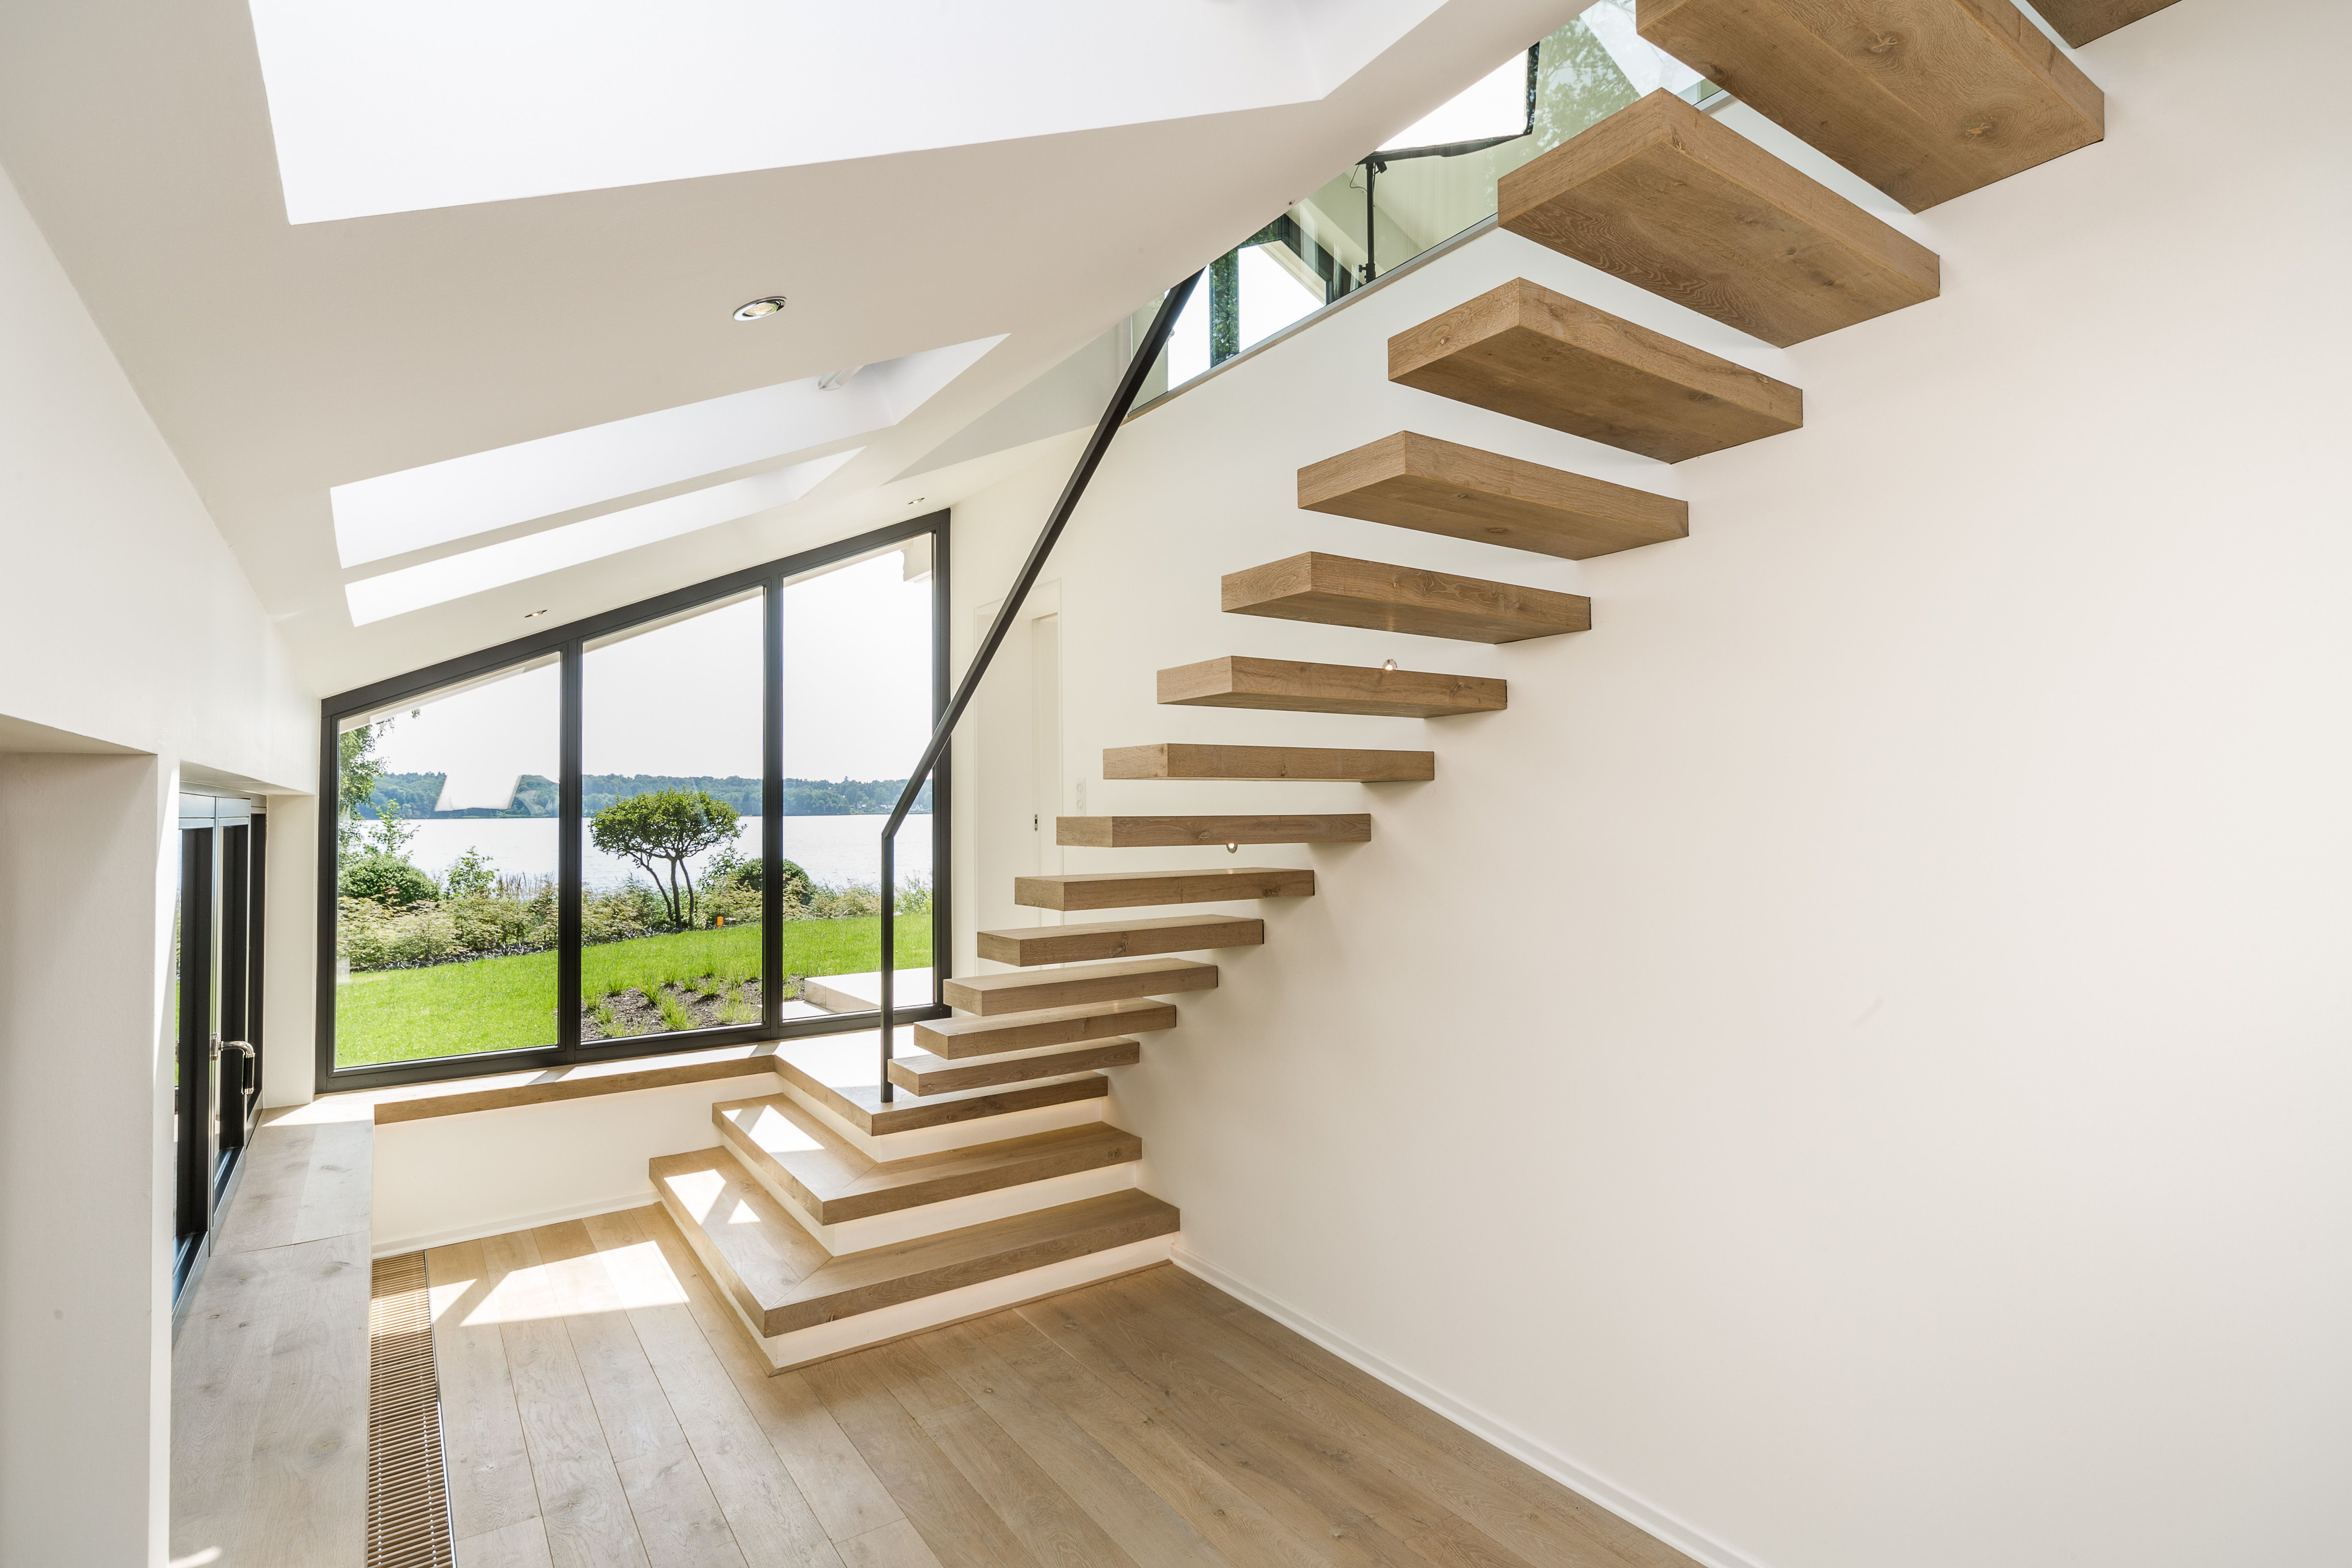 Voss Treppen herzlichen glückwunsch treppenbau voß zur treppe des jahres 2015 in